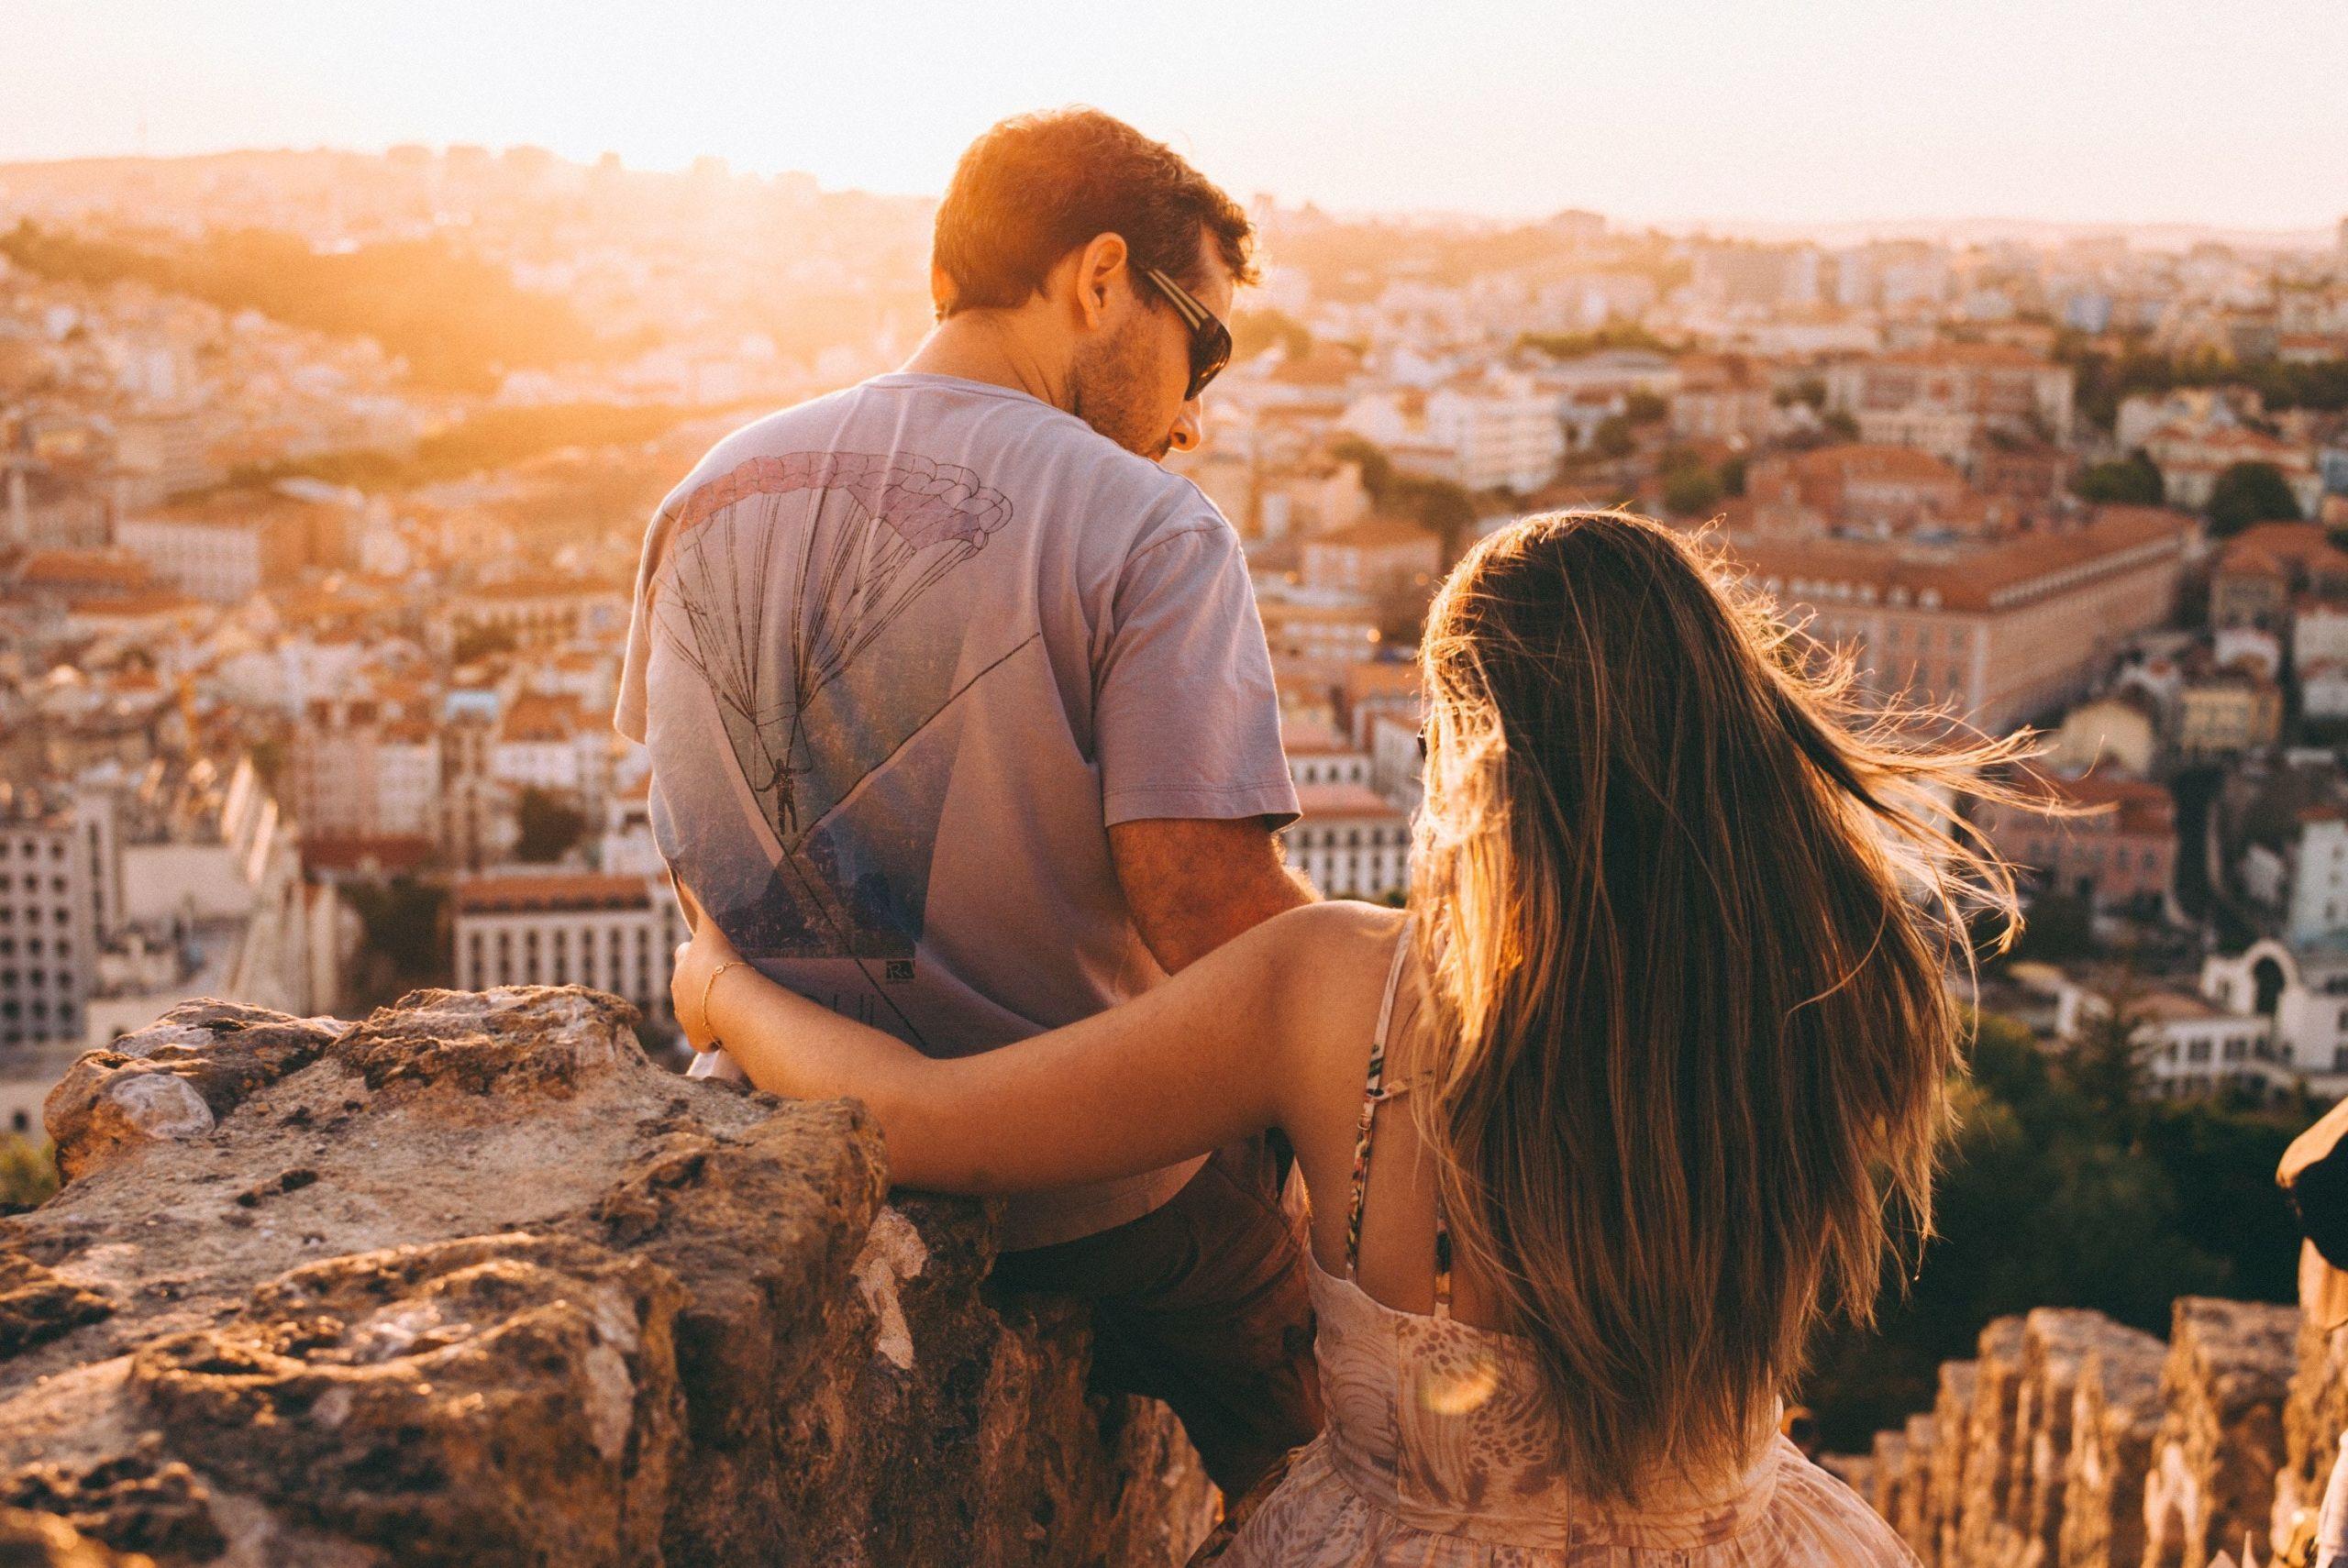 Come Capire Se Amore è Finito Psicologia Per Capire Se Ci